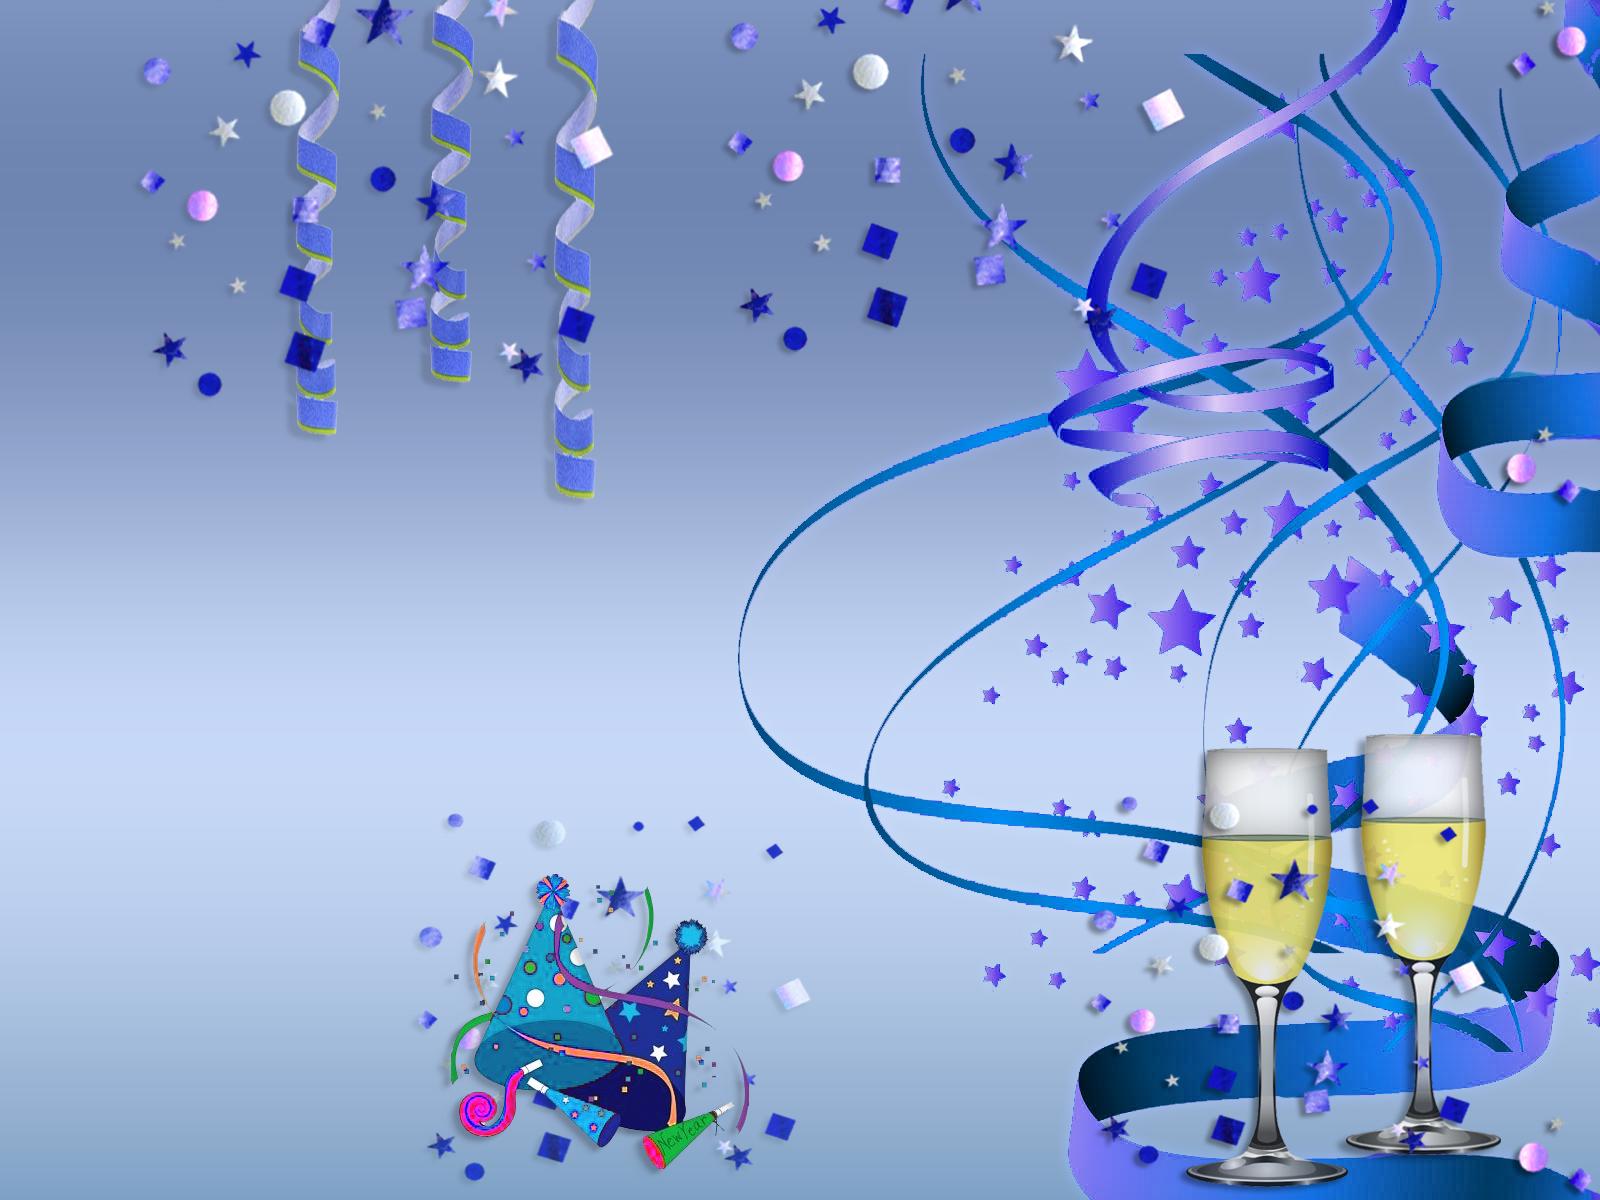 Happy New Year Wallpapers Desktop Backgrounds Desktop Background 1600x1200